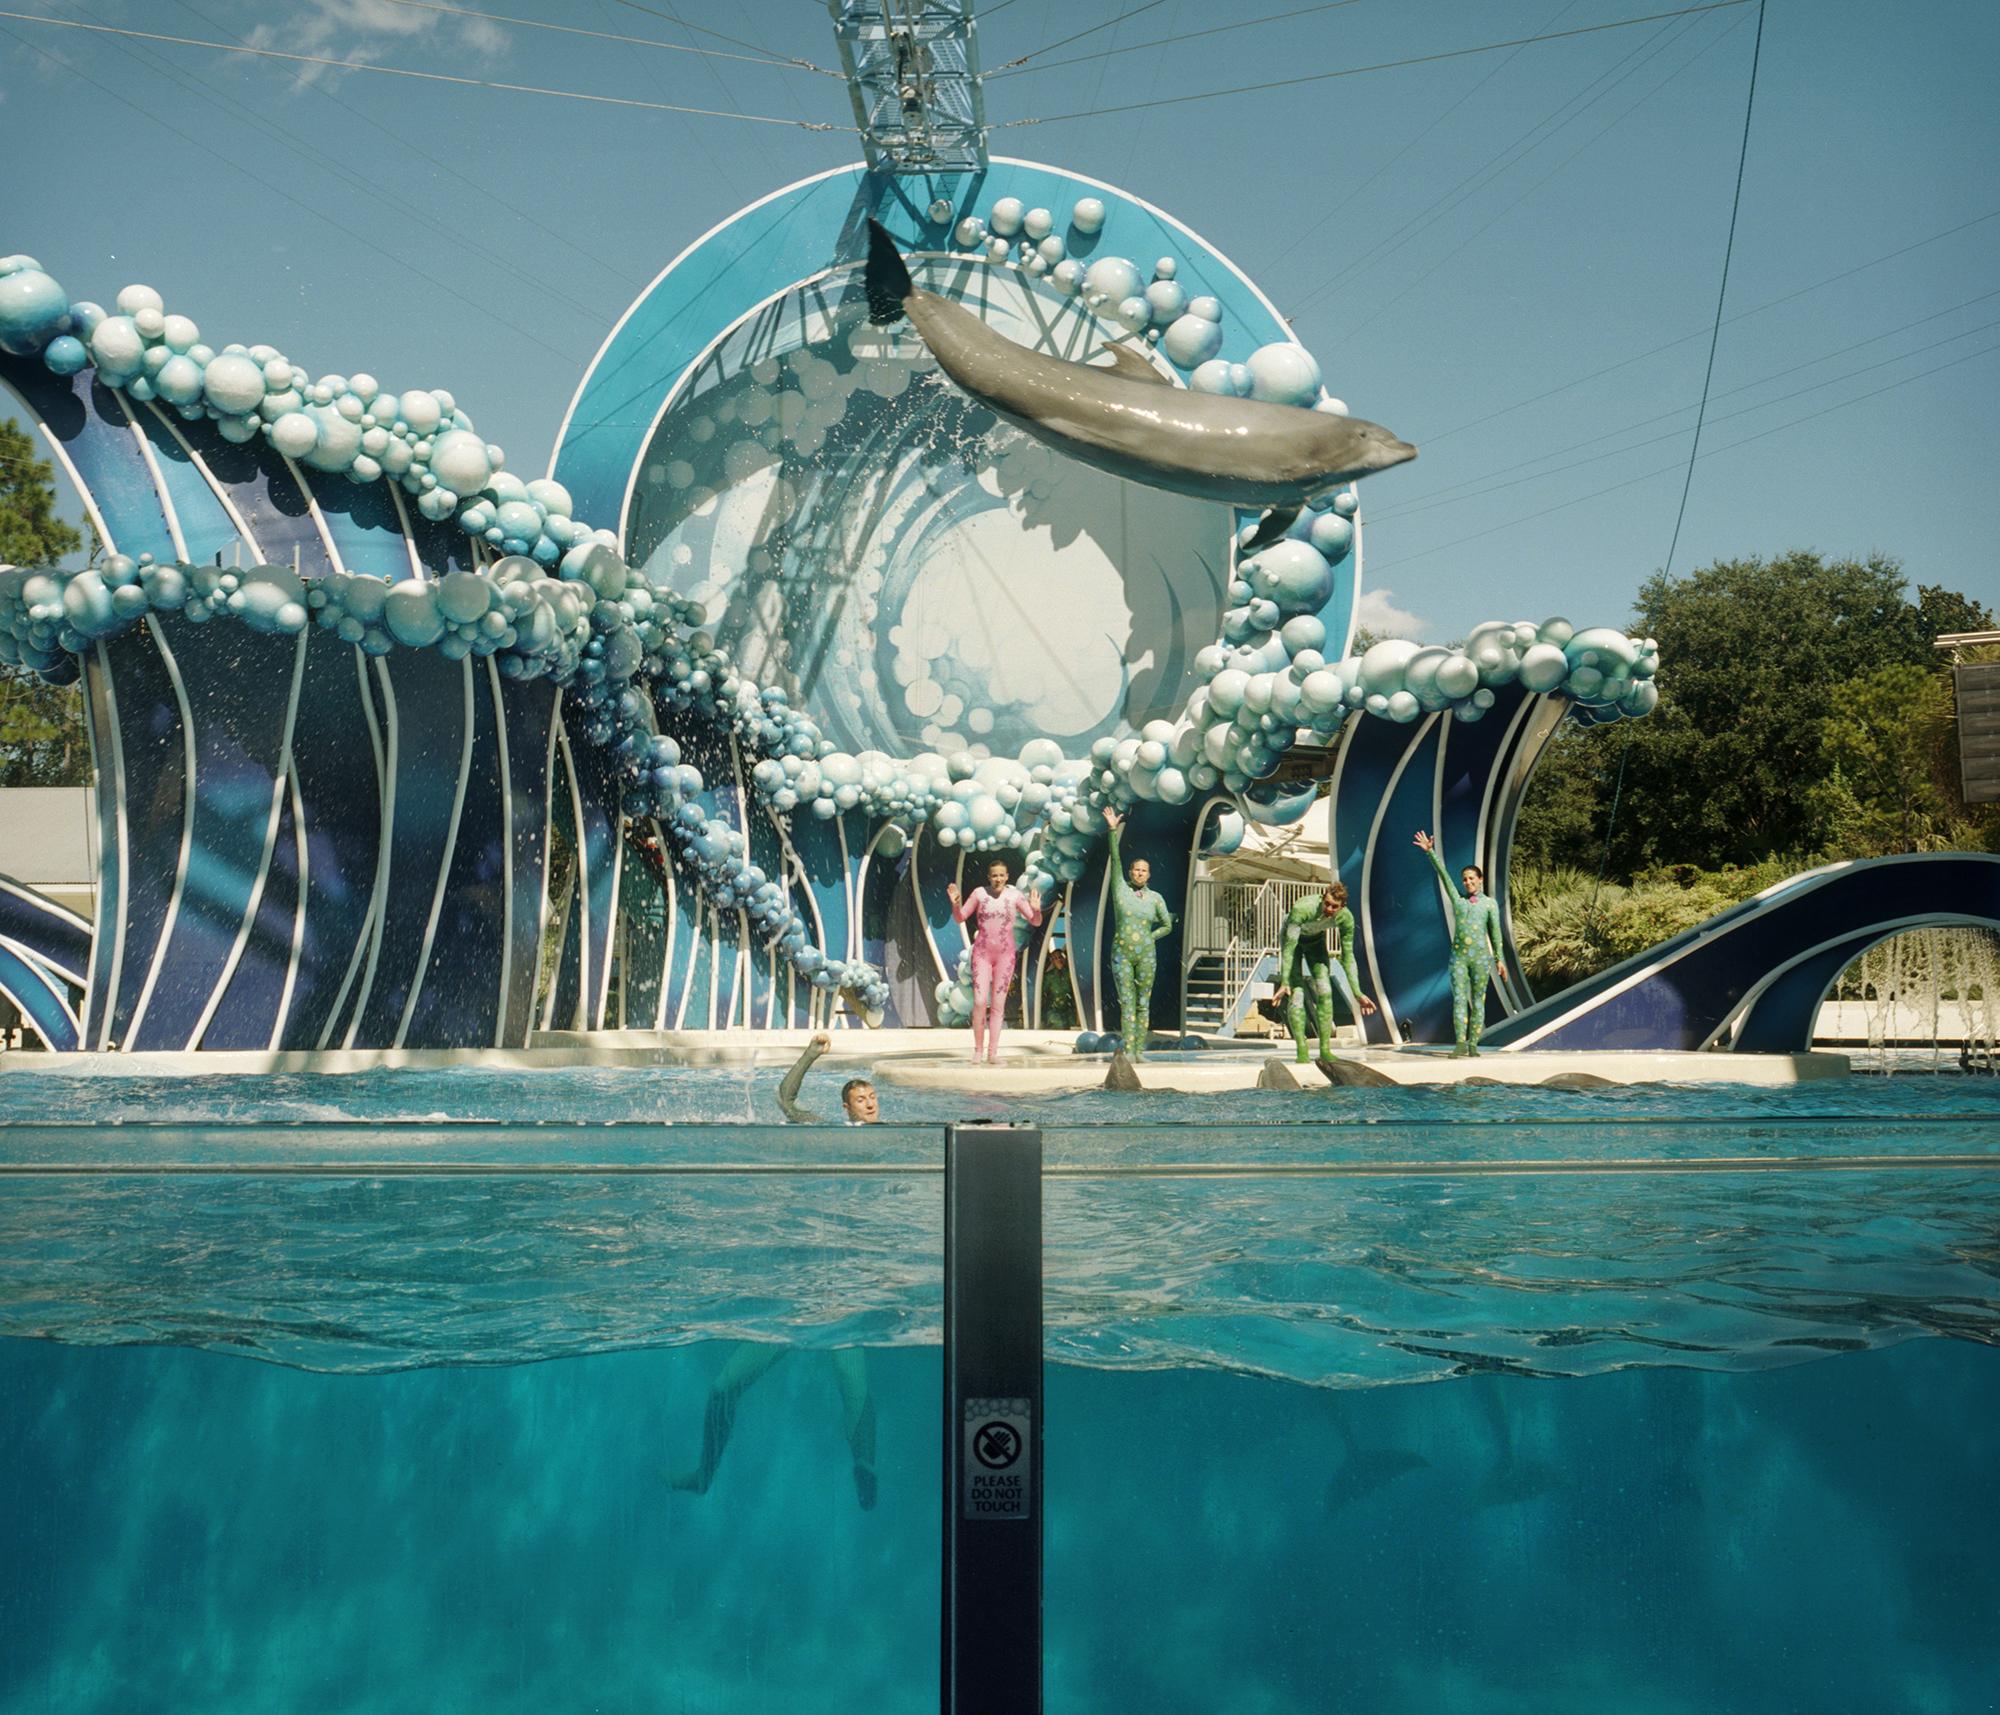 SeaWorld06.jpg